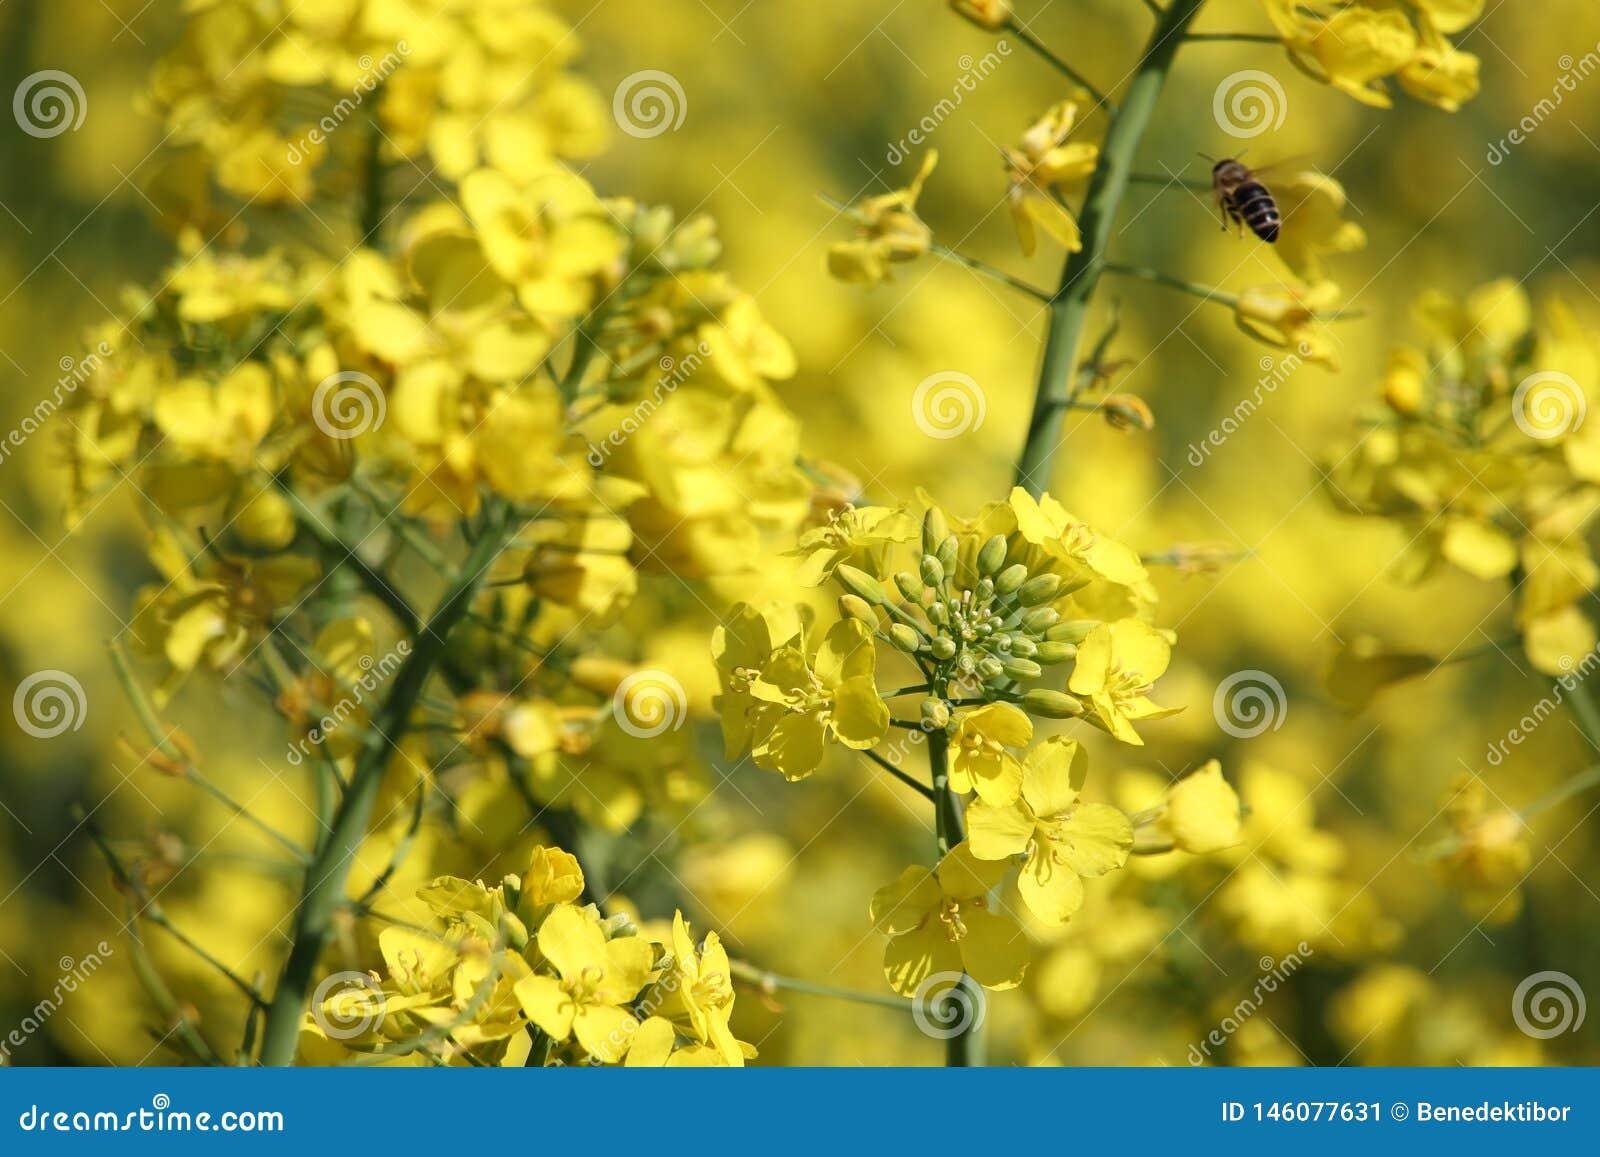 Gele verkrachtingsbloemen met vliegende bijenclose-up